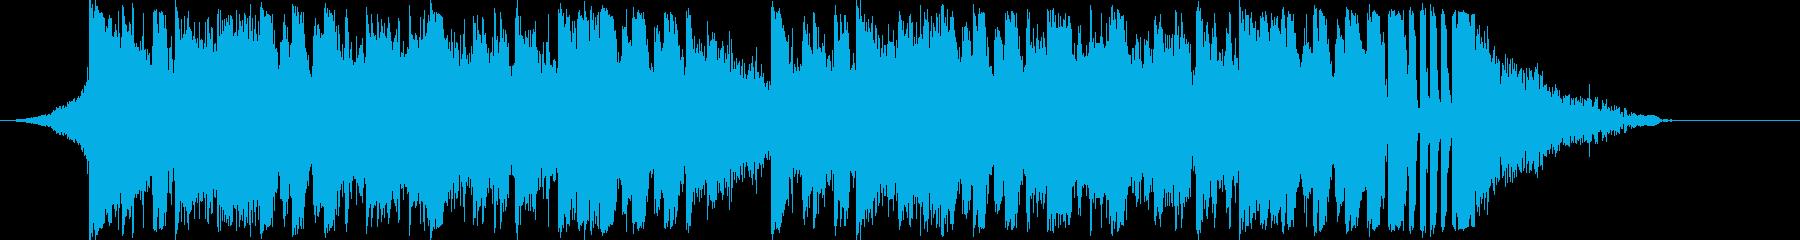 躍動感EDMダンスエレクトロダブステップの再生済みの波形